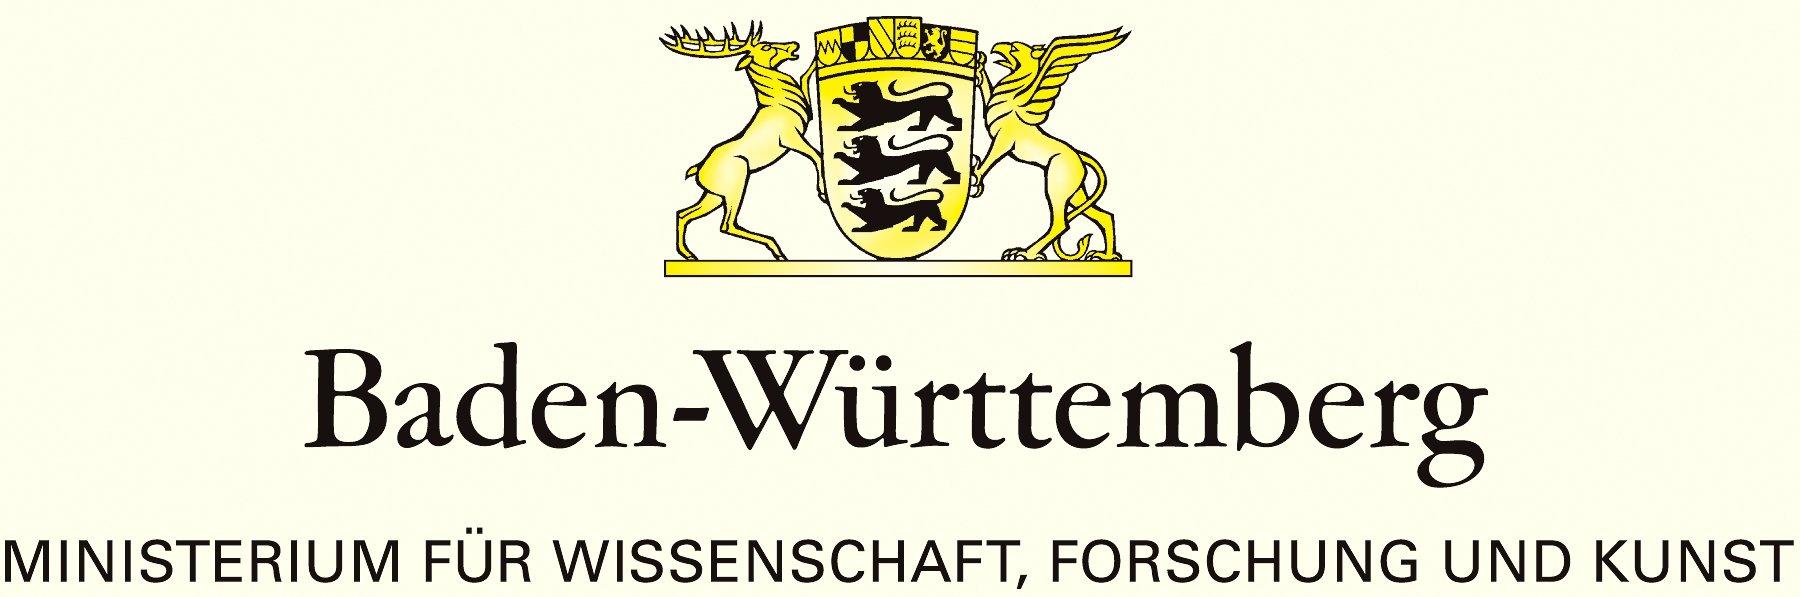 Ministerium für Wissenschaft, Forschung und Kunst Baden-Württemberg